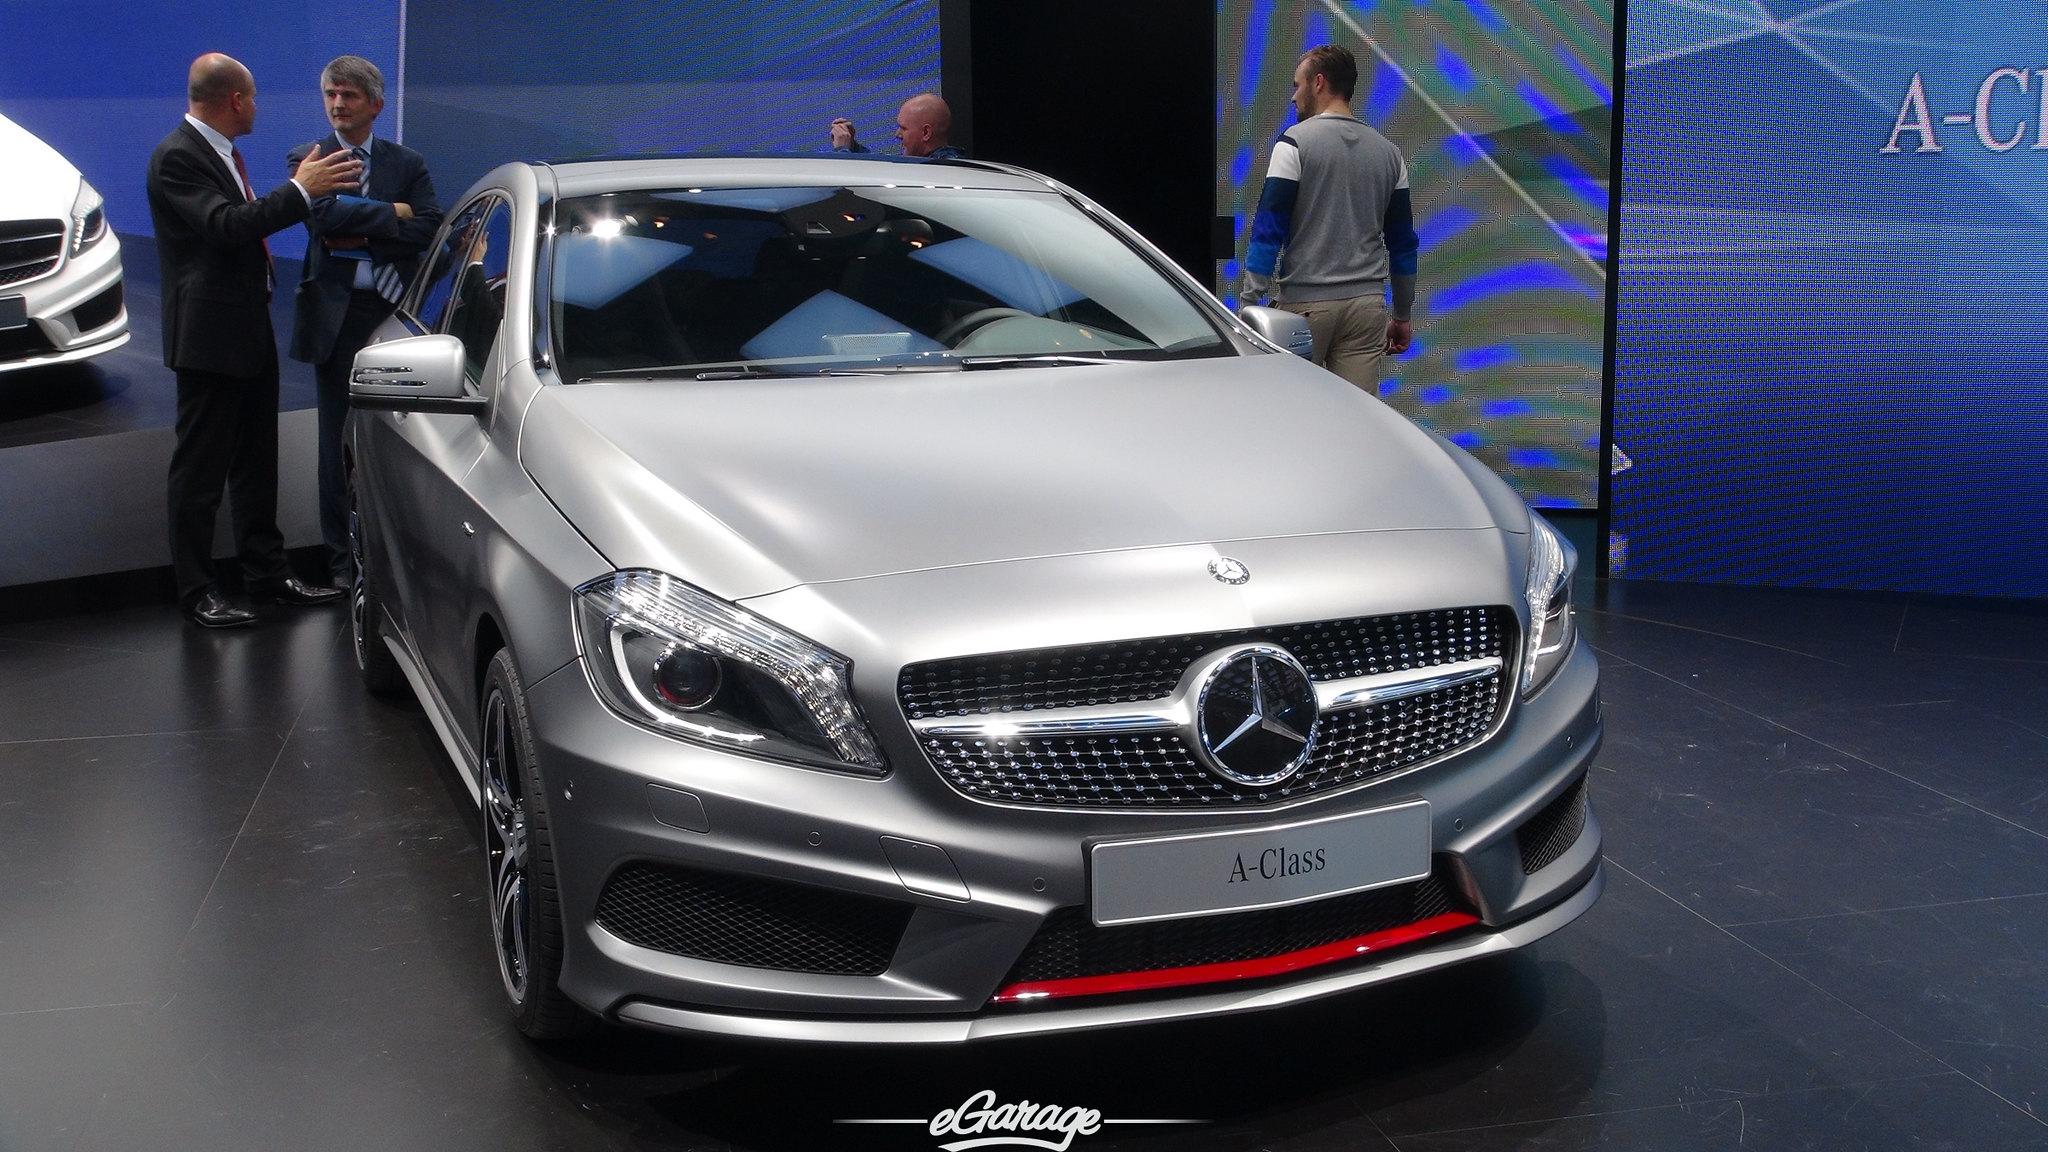 8034741247 1190a01014 k 2012 Paris Motor Show